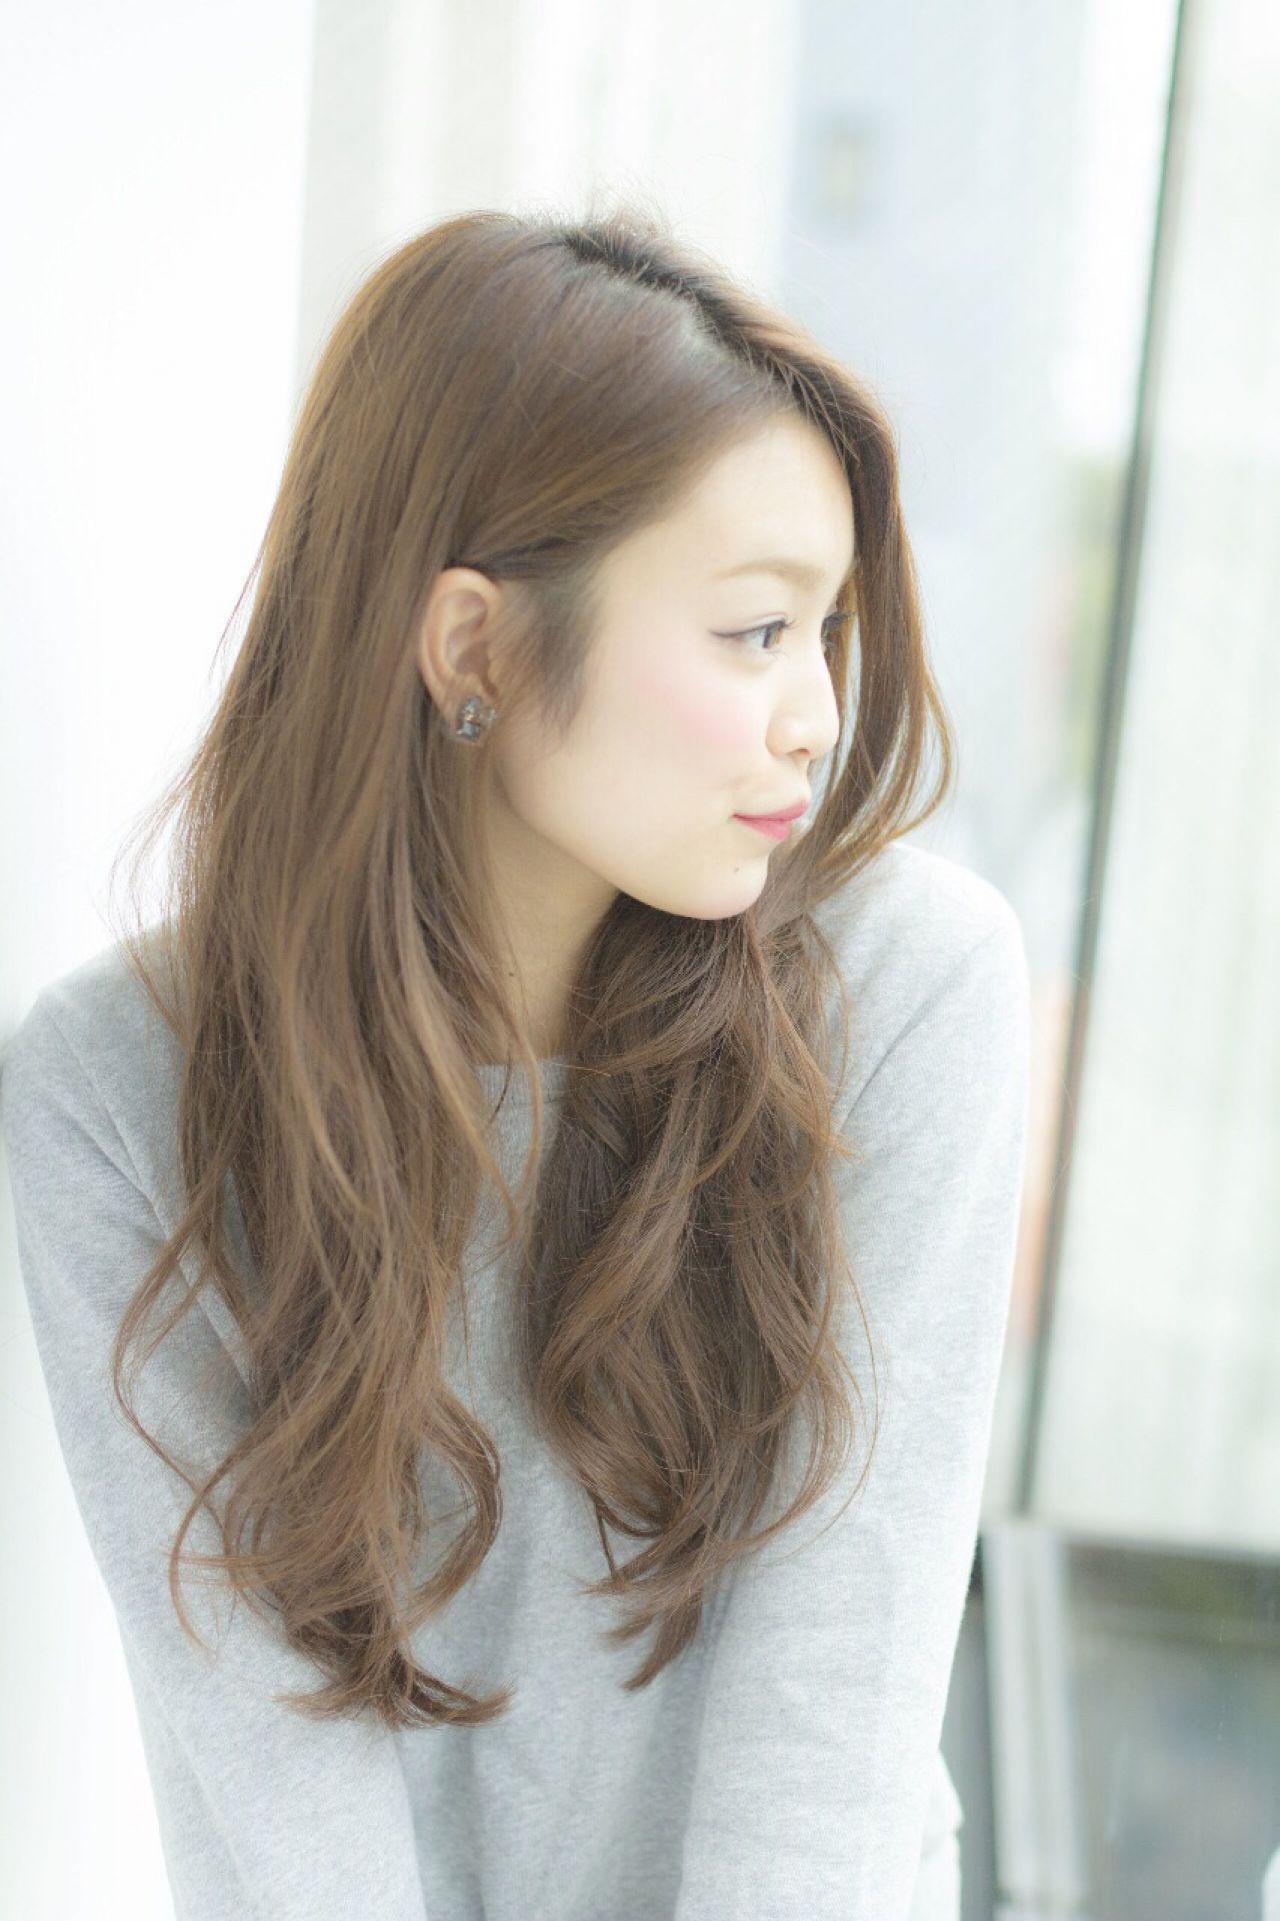 東西ファッションの合流地点♡名古屋エリアの人気スタイリスト&サロン特集! 成岡秀人